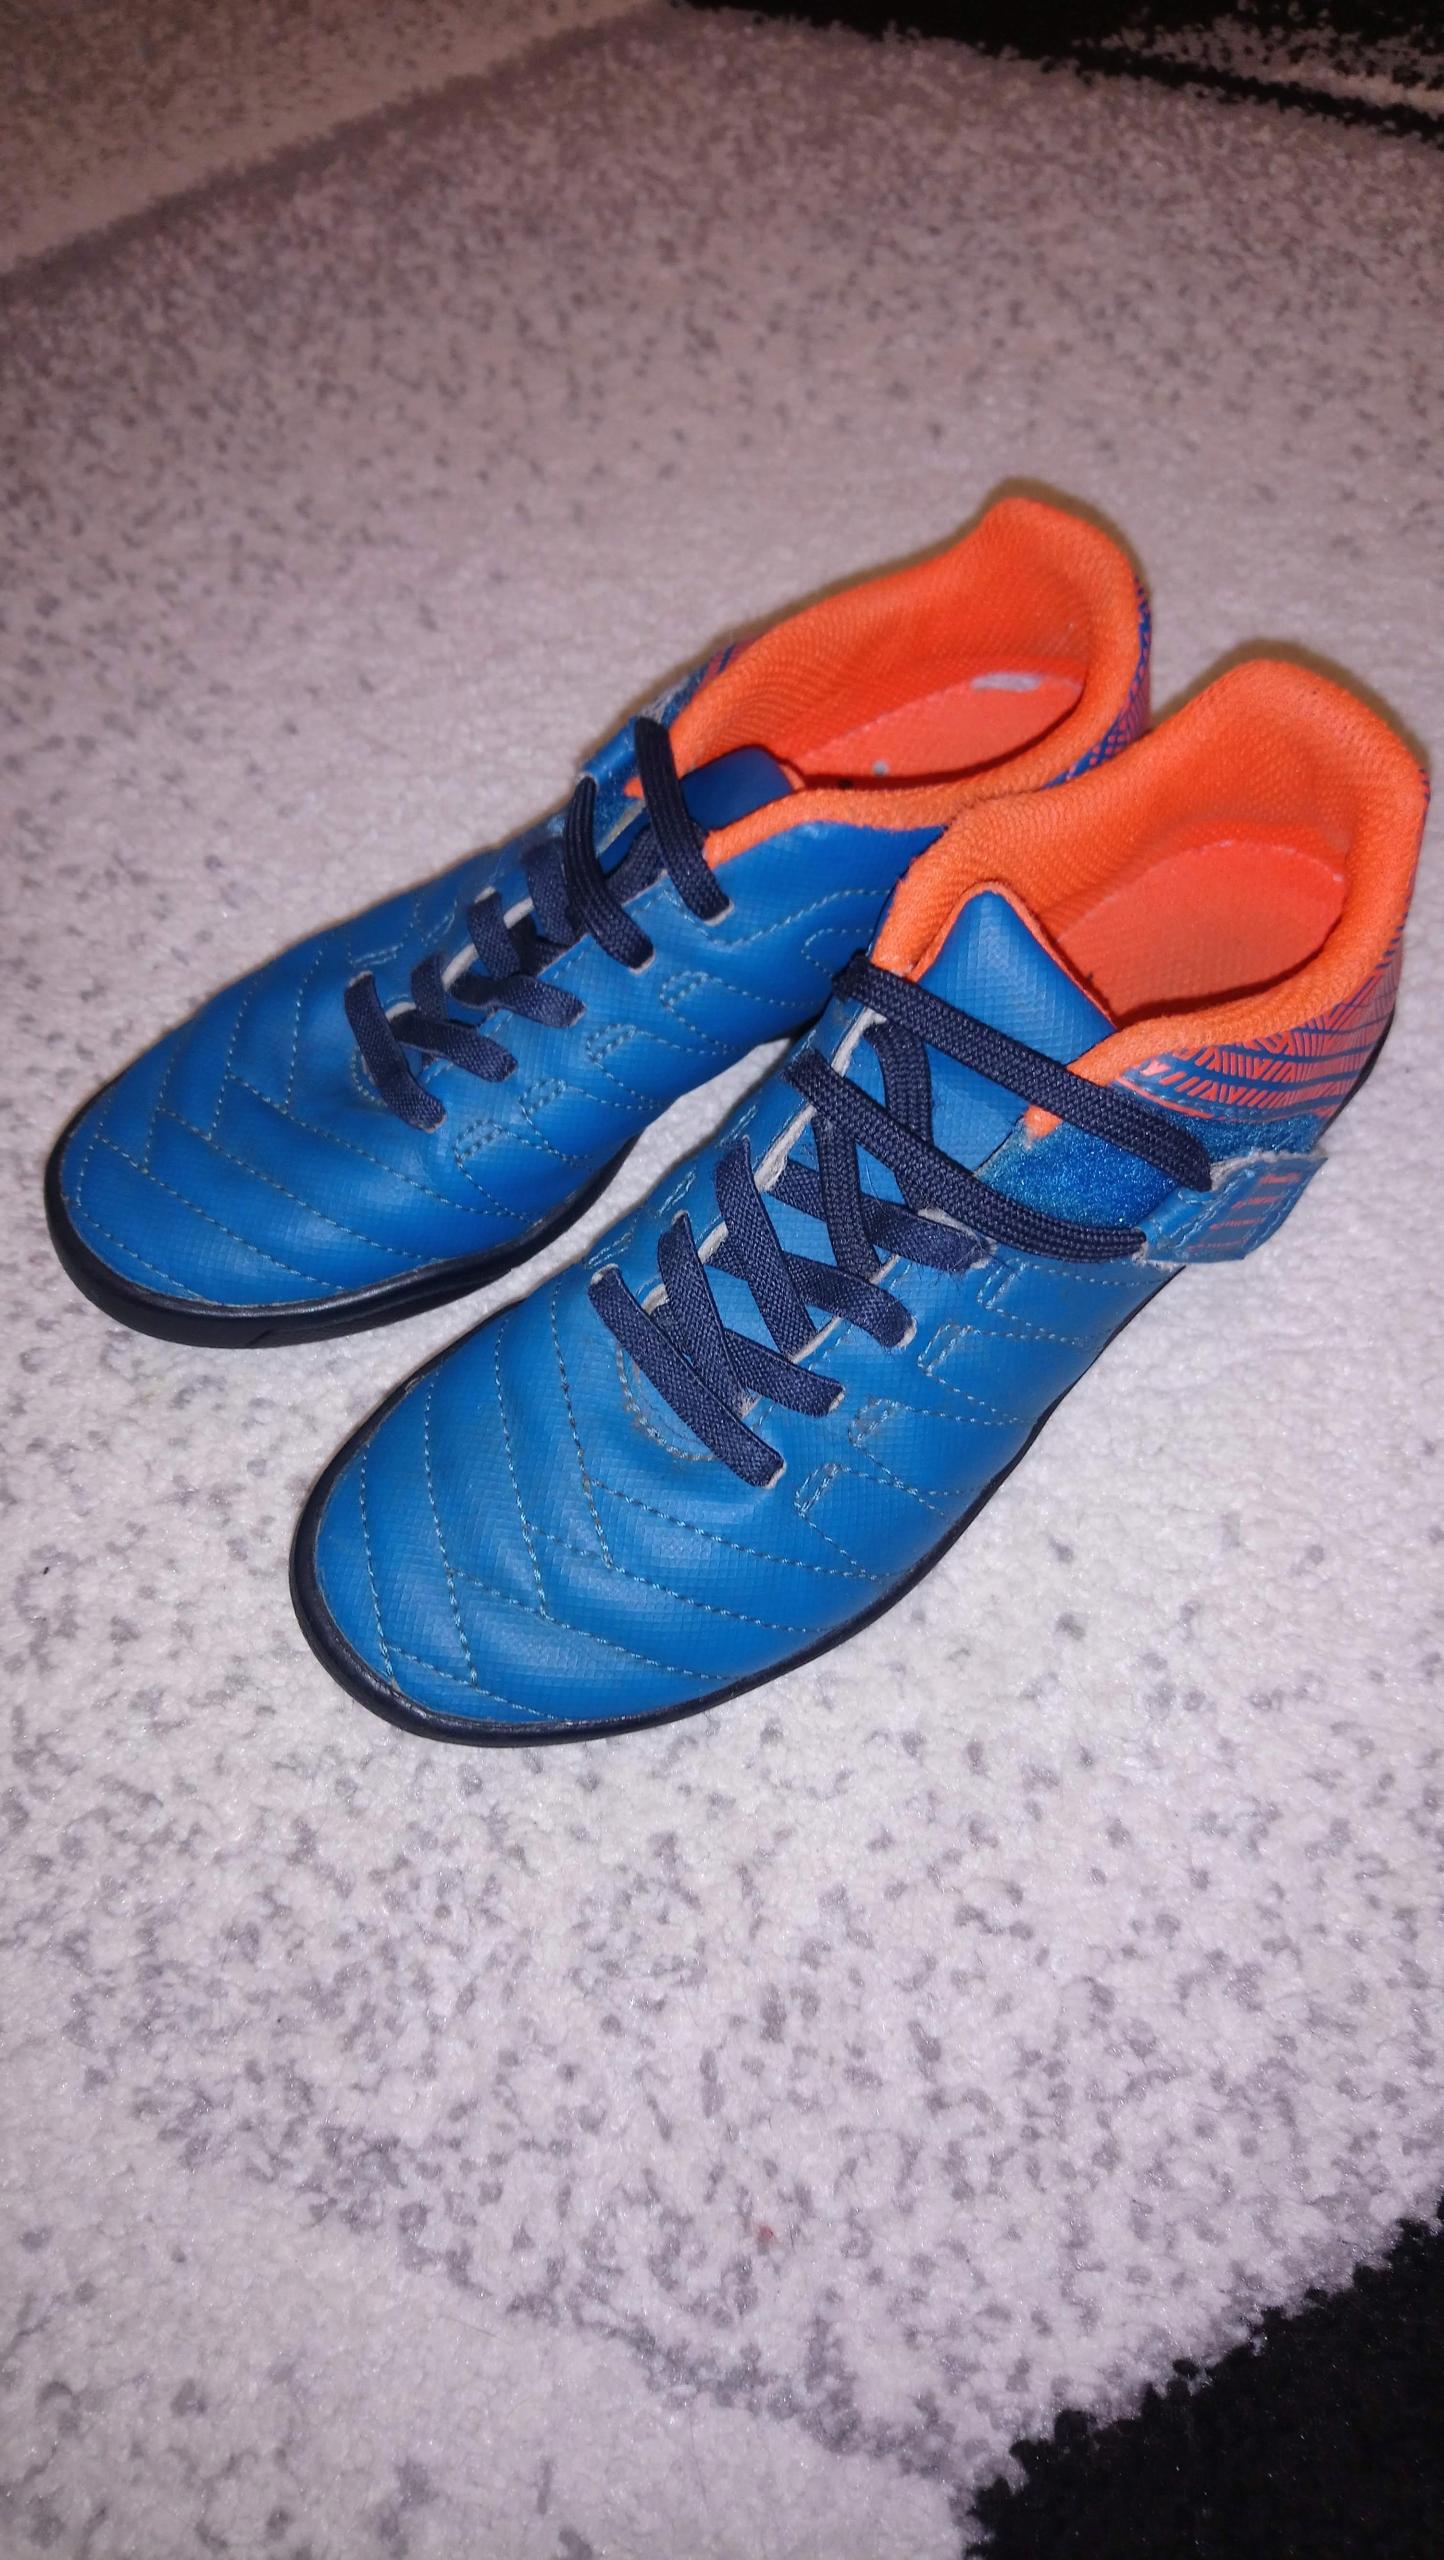 Buty piłkarskie żużlówki turfy Kipsta 33